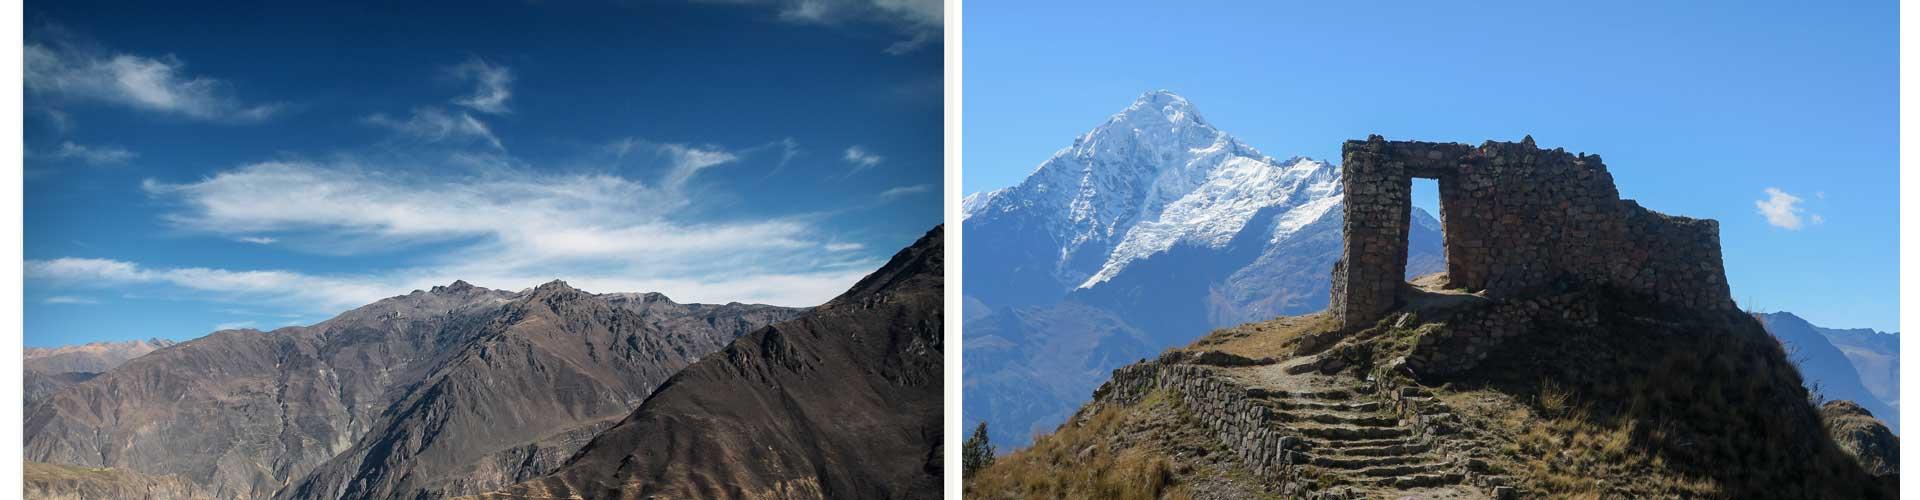 Peru Reisetagebuch Südamerika Anden Gebirge